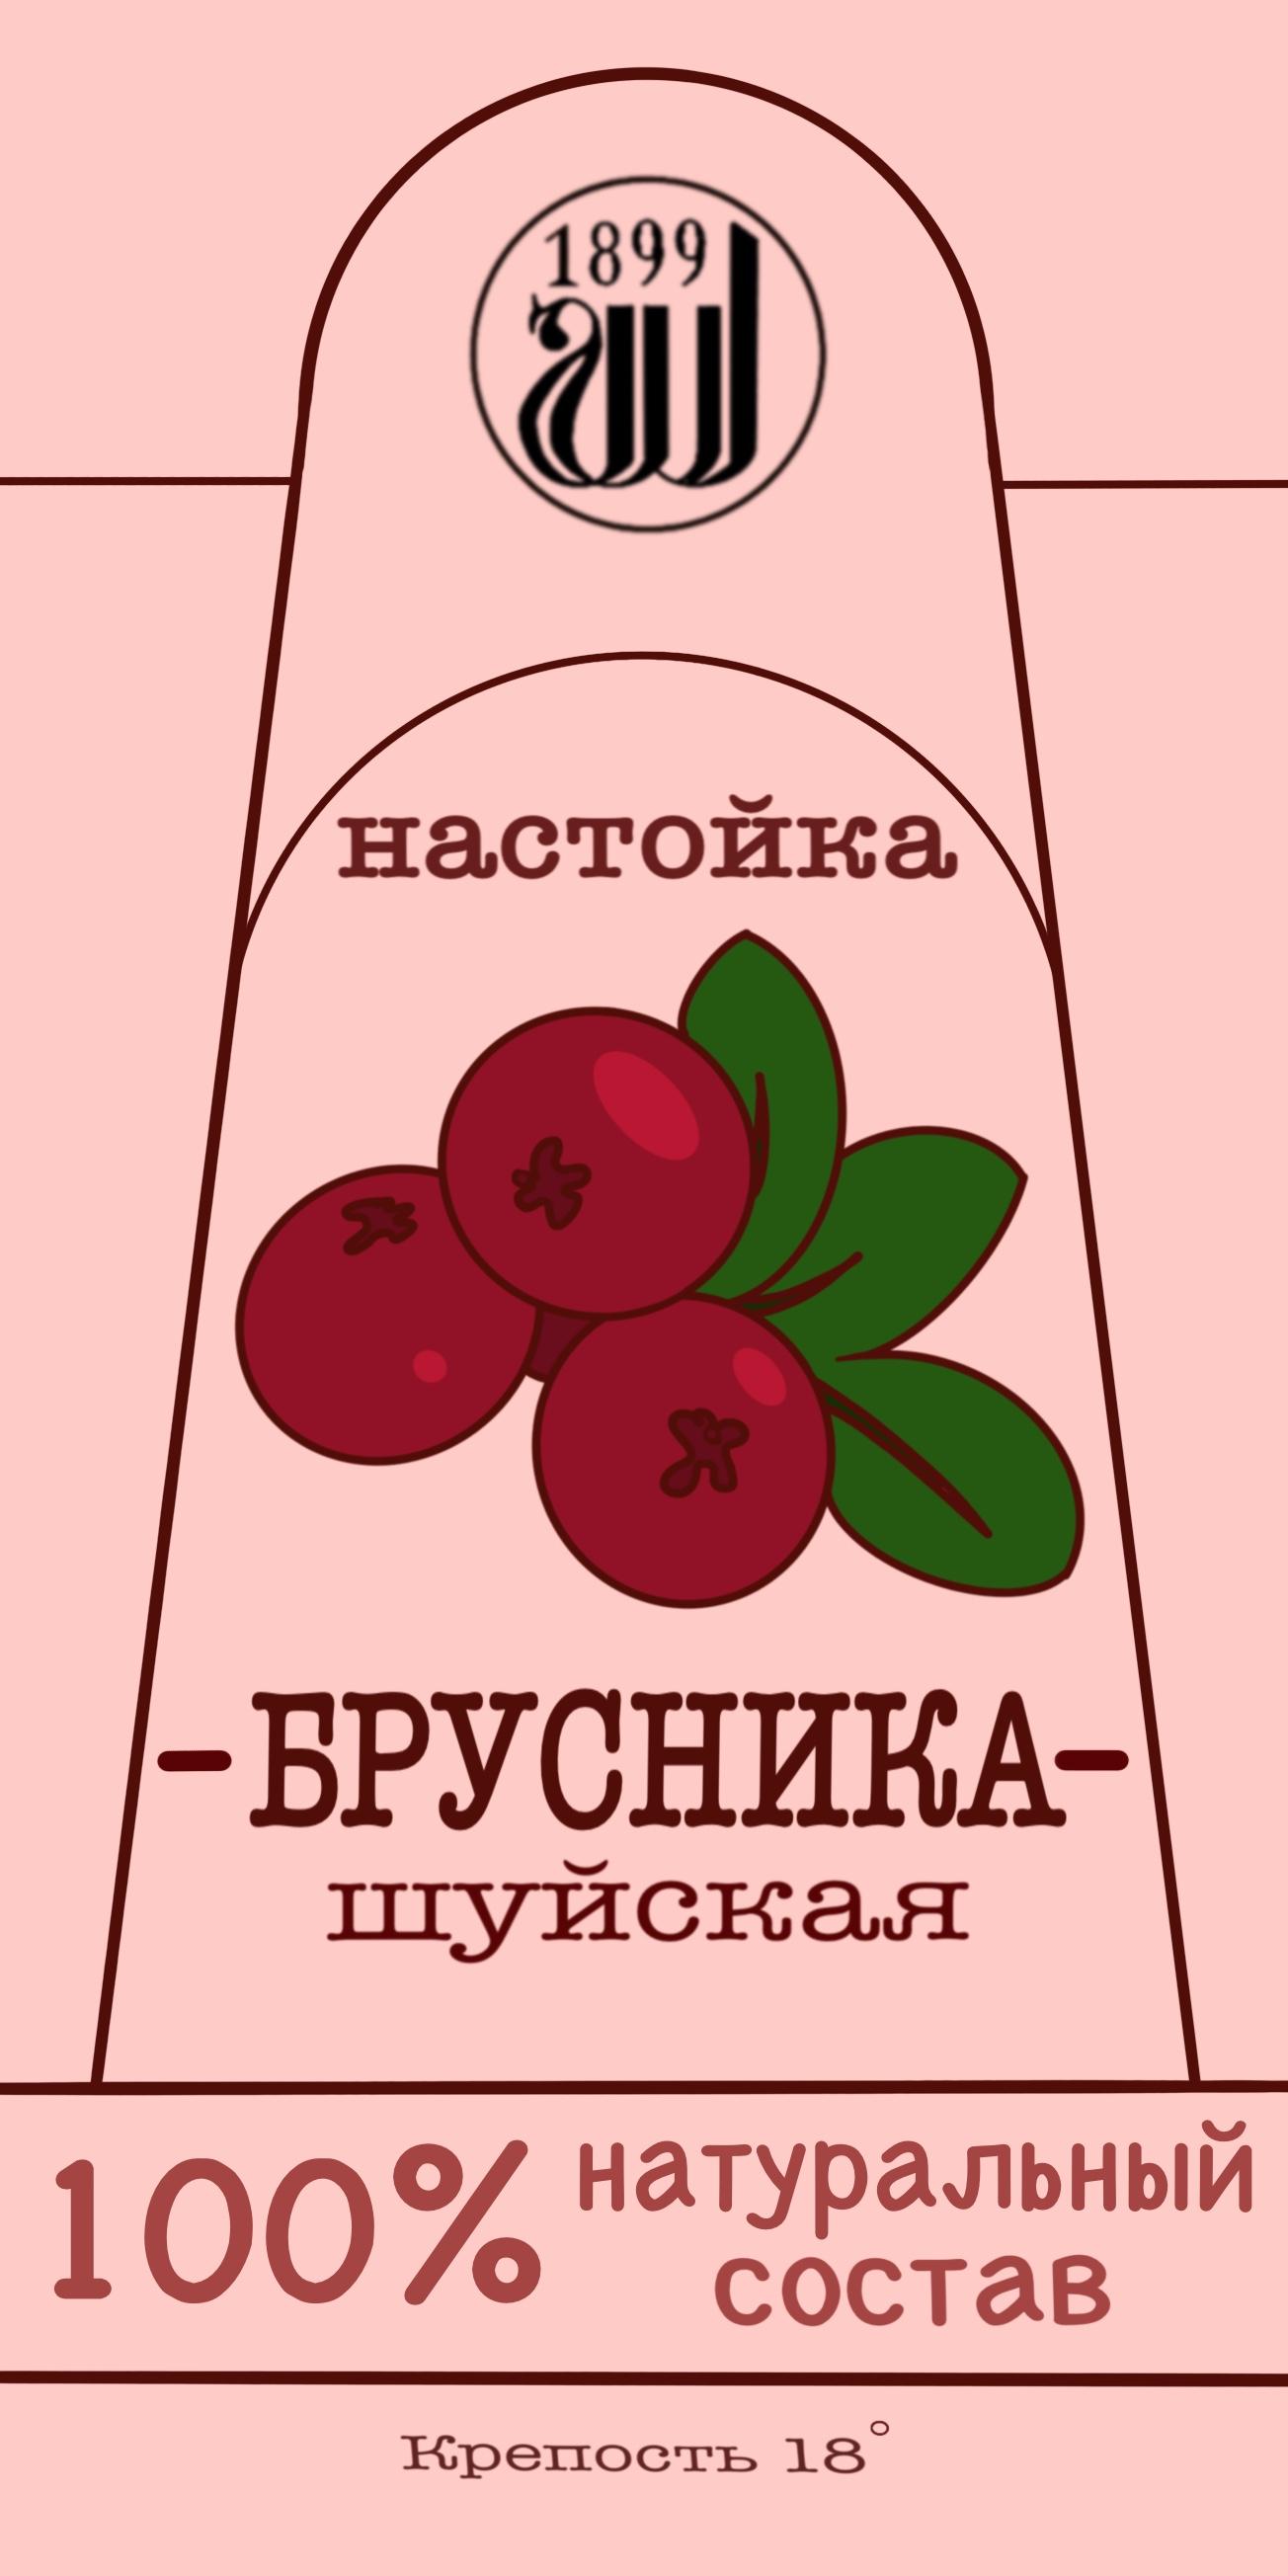 Дизайн этикетки алкогольного продукта (сладкая настойка) фото f_9215f8eecc1364a3.jpg